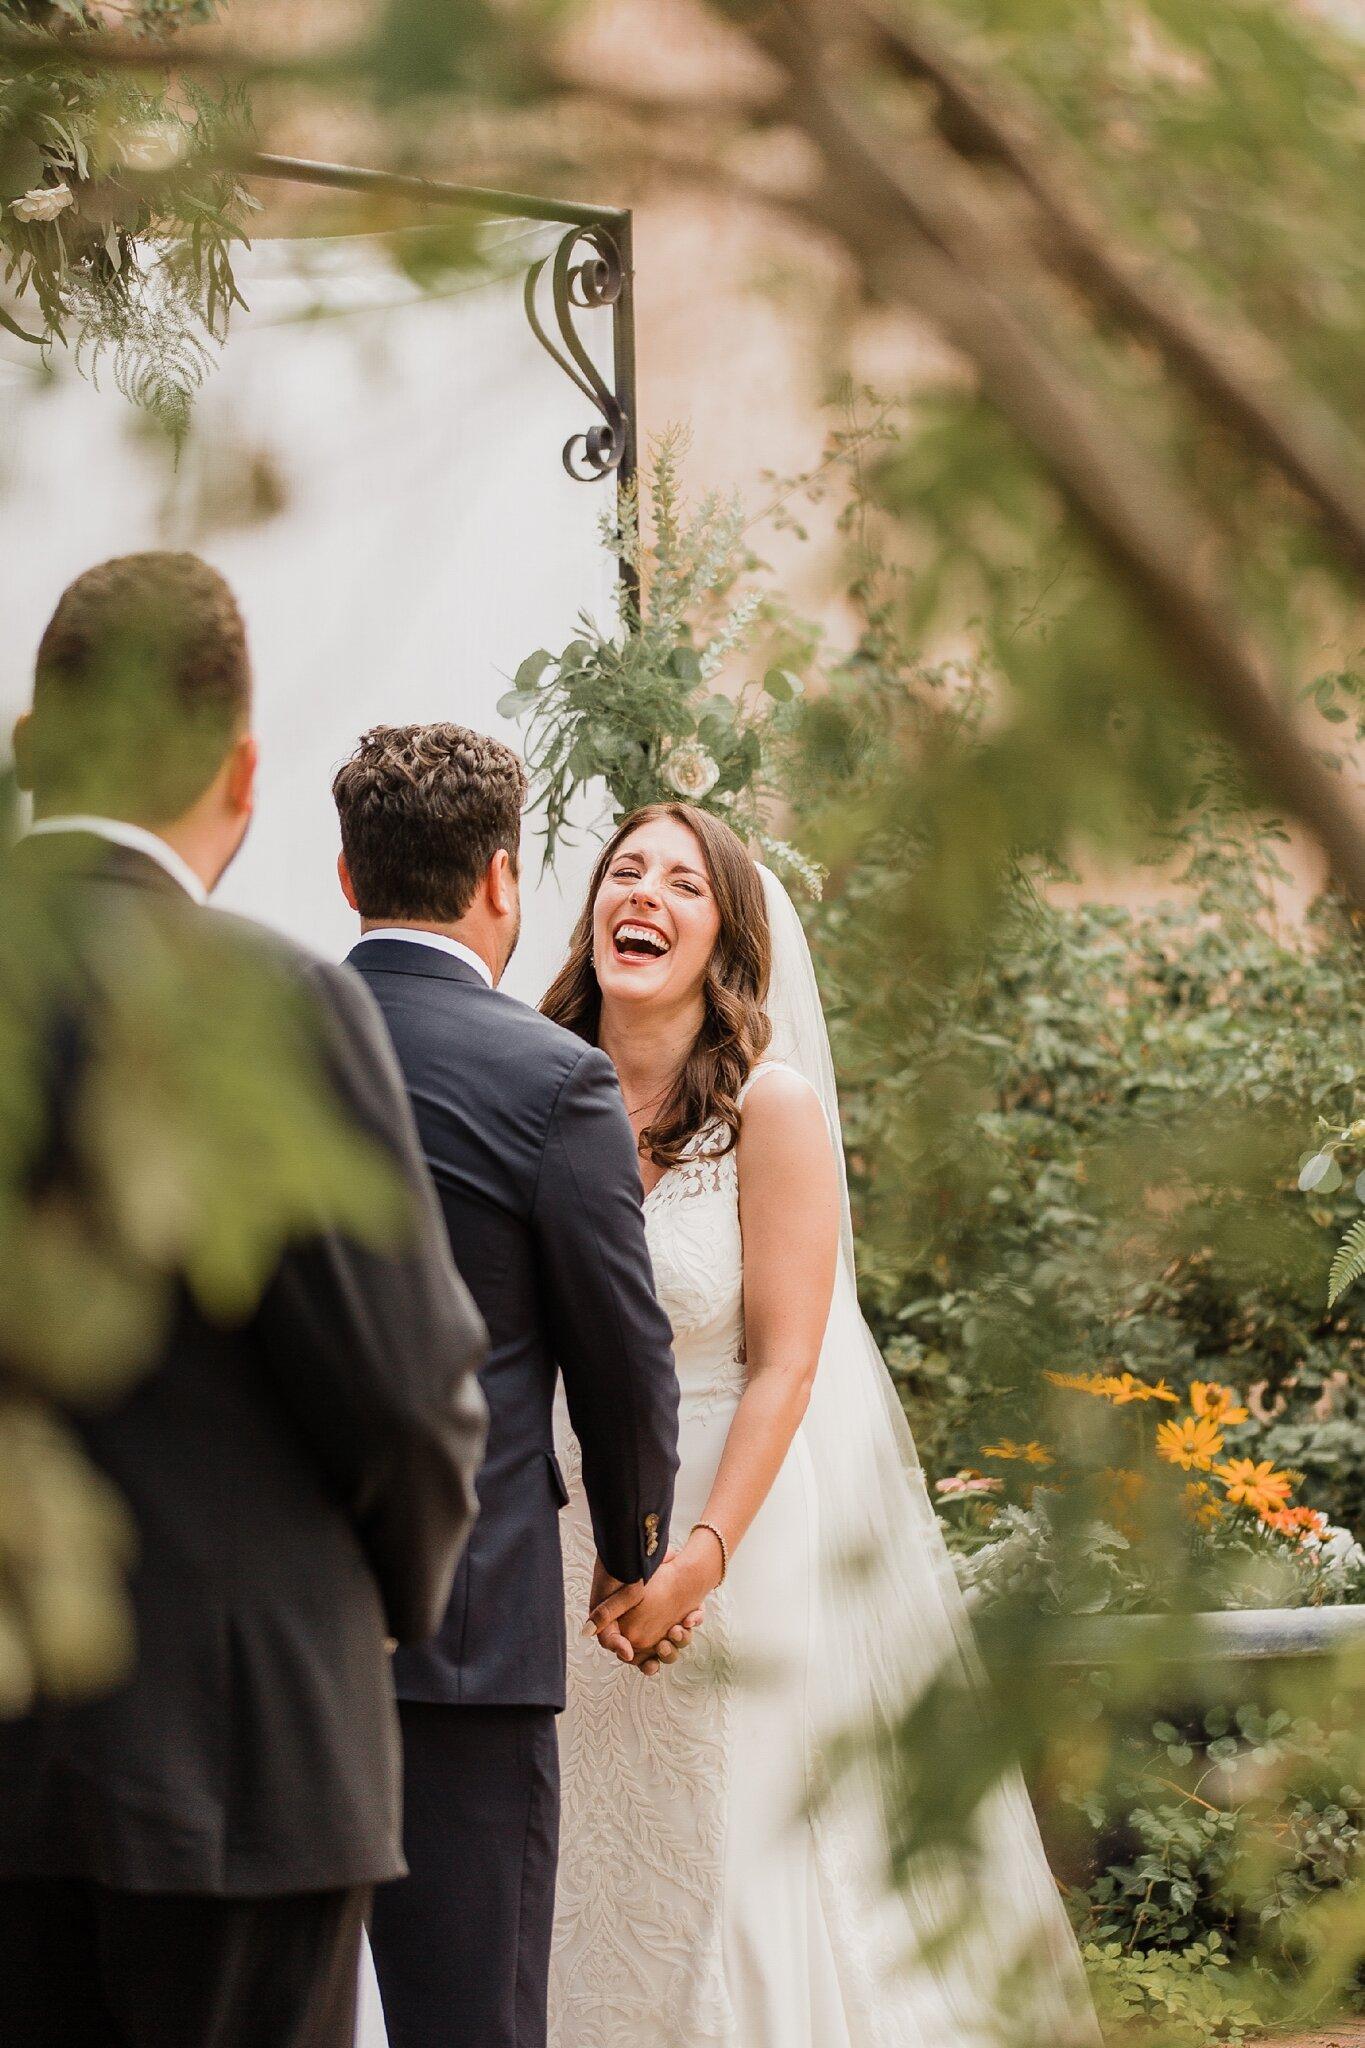 Alicia+lucia+photography+-+albuquerque+wedding+photographer+-+santa+fe+wedding+photography+-+new+mexico+wedding+photographer+-+new+mexico+wedding+-+wedding+-+albuquerque+wedding+-+los+poblanos+-+los+poblanos+wedding+-+fall+wedding_0060.jpg